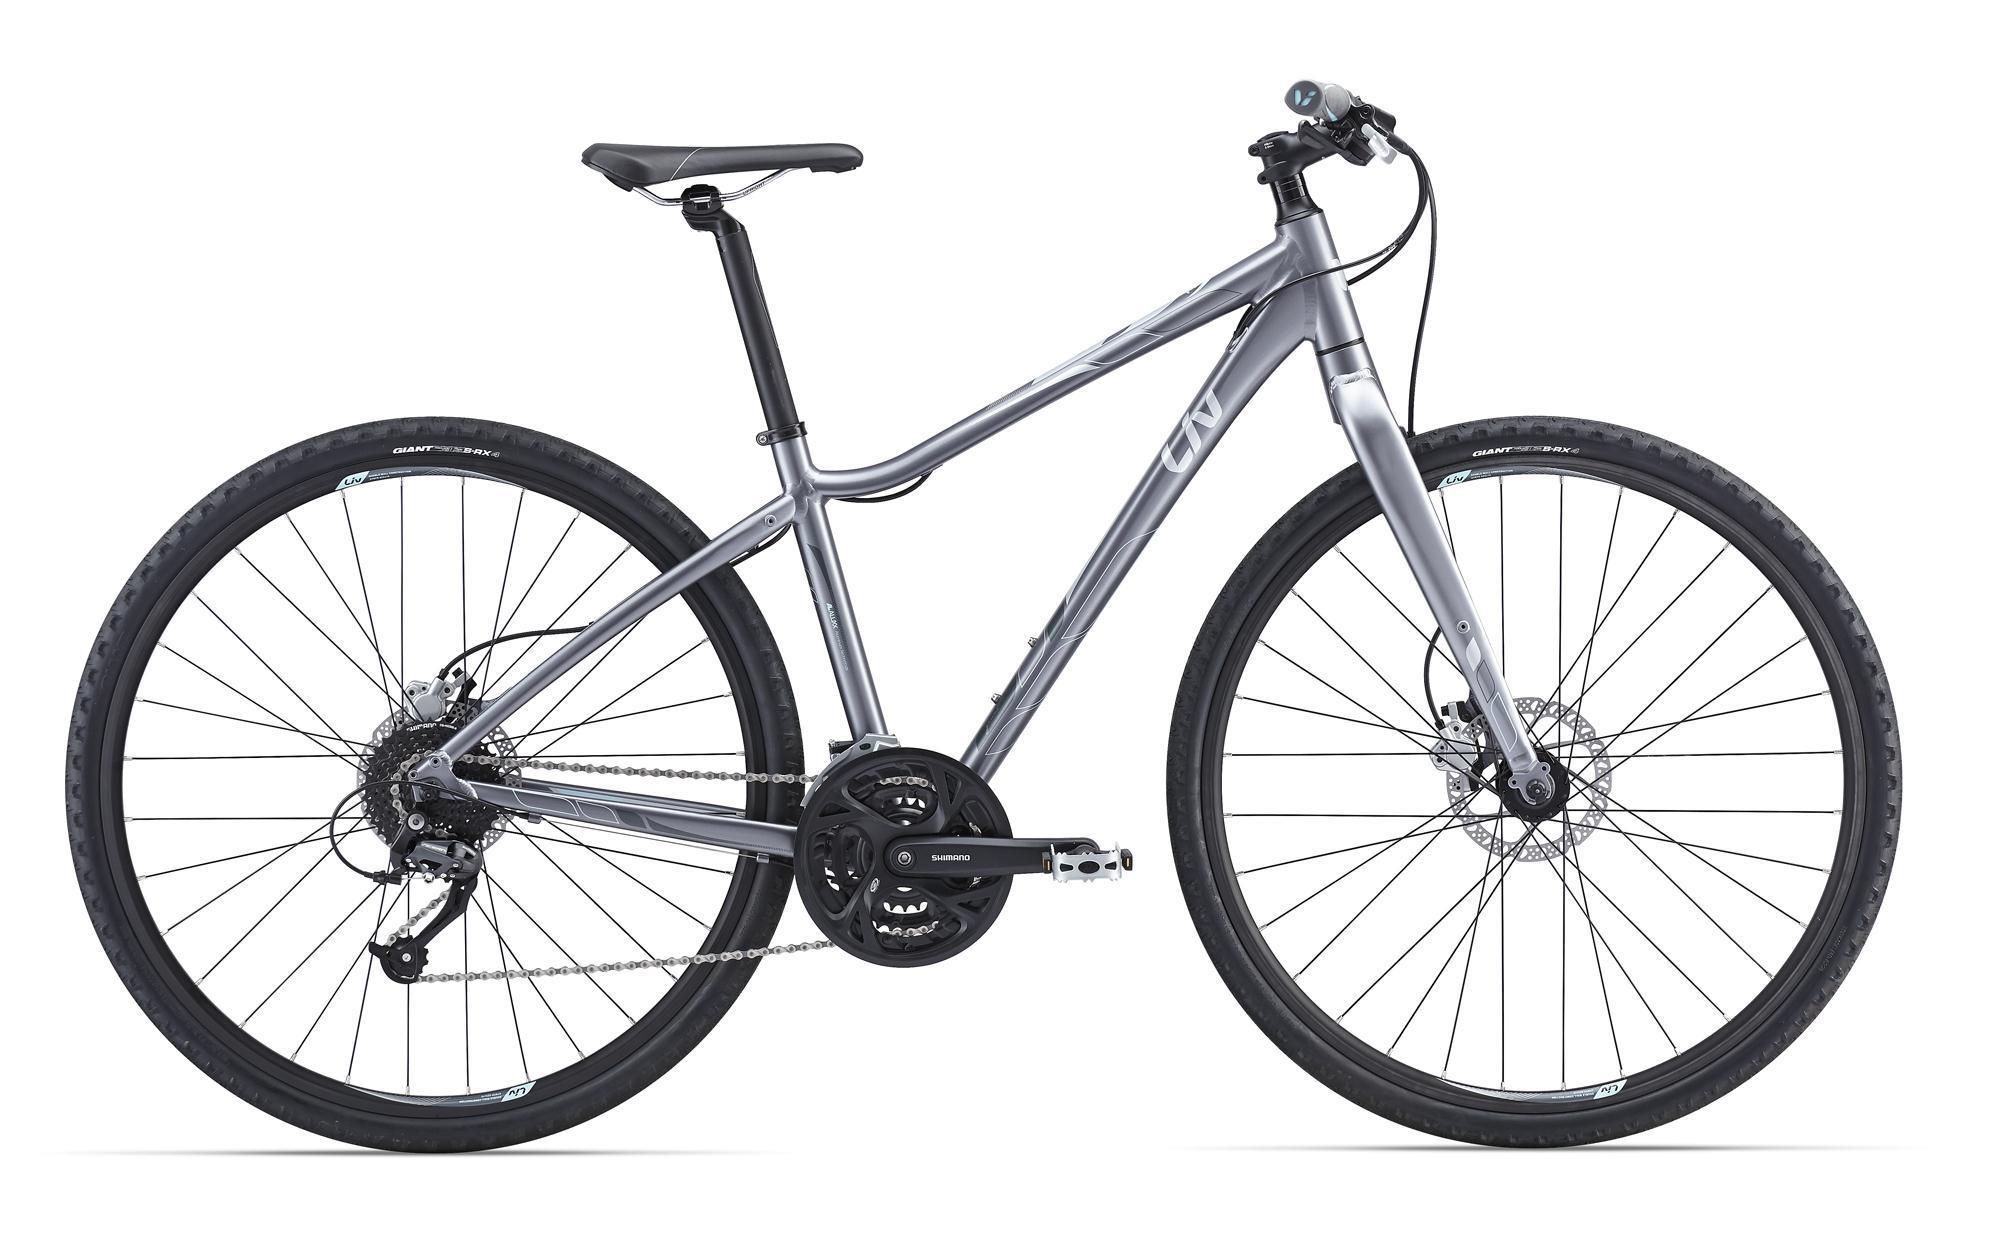 Giant Rove Disc Lite (2016)Дорожные<br>Вы катаетесь преимущественно по городу, но не хотите шоссейный велосипед из-за своеобразной посадки и периодических выездов на легкое бездорожье? Тогда для вас Giant собрали этот велосипед – Rove Disc Lite. Это красивая и удобная женская модель со специальной геометрией LIV и колесами 700с, быстрая и стильная. Чтобы не перегружать его ничем лишним, тем самым урезая его скорость, на Rove Disc Lite установлена жесткая вилка, и она ему очень идет! 27 скоростей оставляют простор воображению в выборе маршрутов, дисковые гидравлические тормоза четко и безотказно работают в любую погоду.<br>